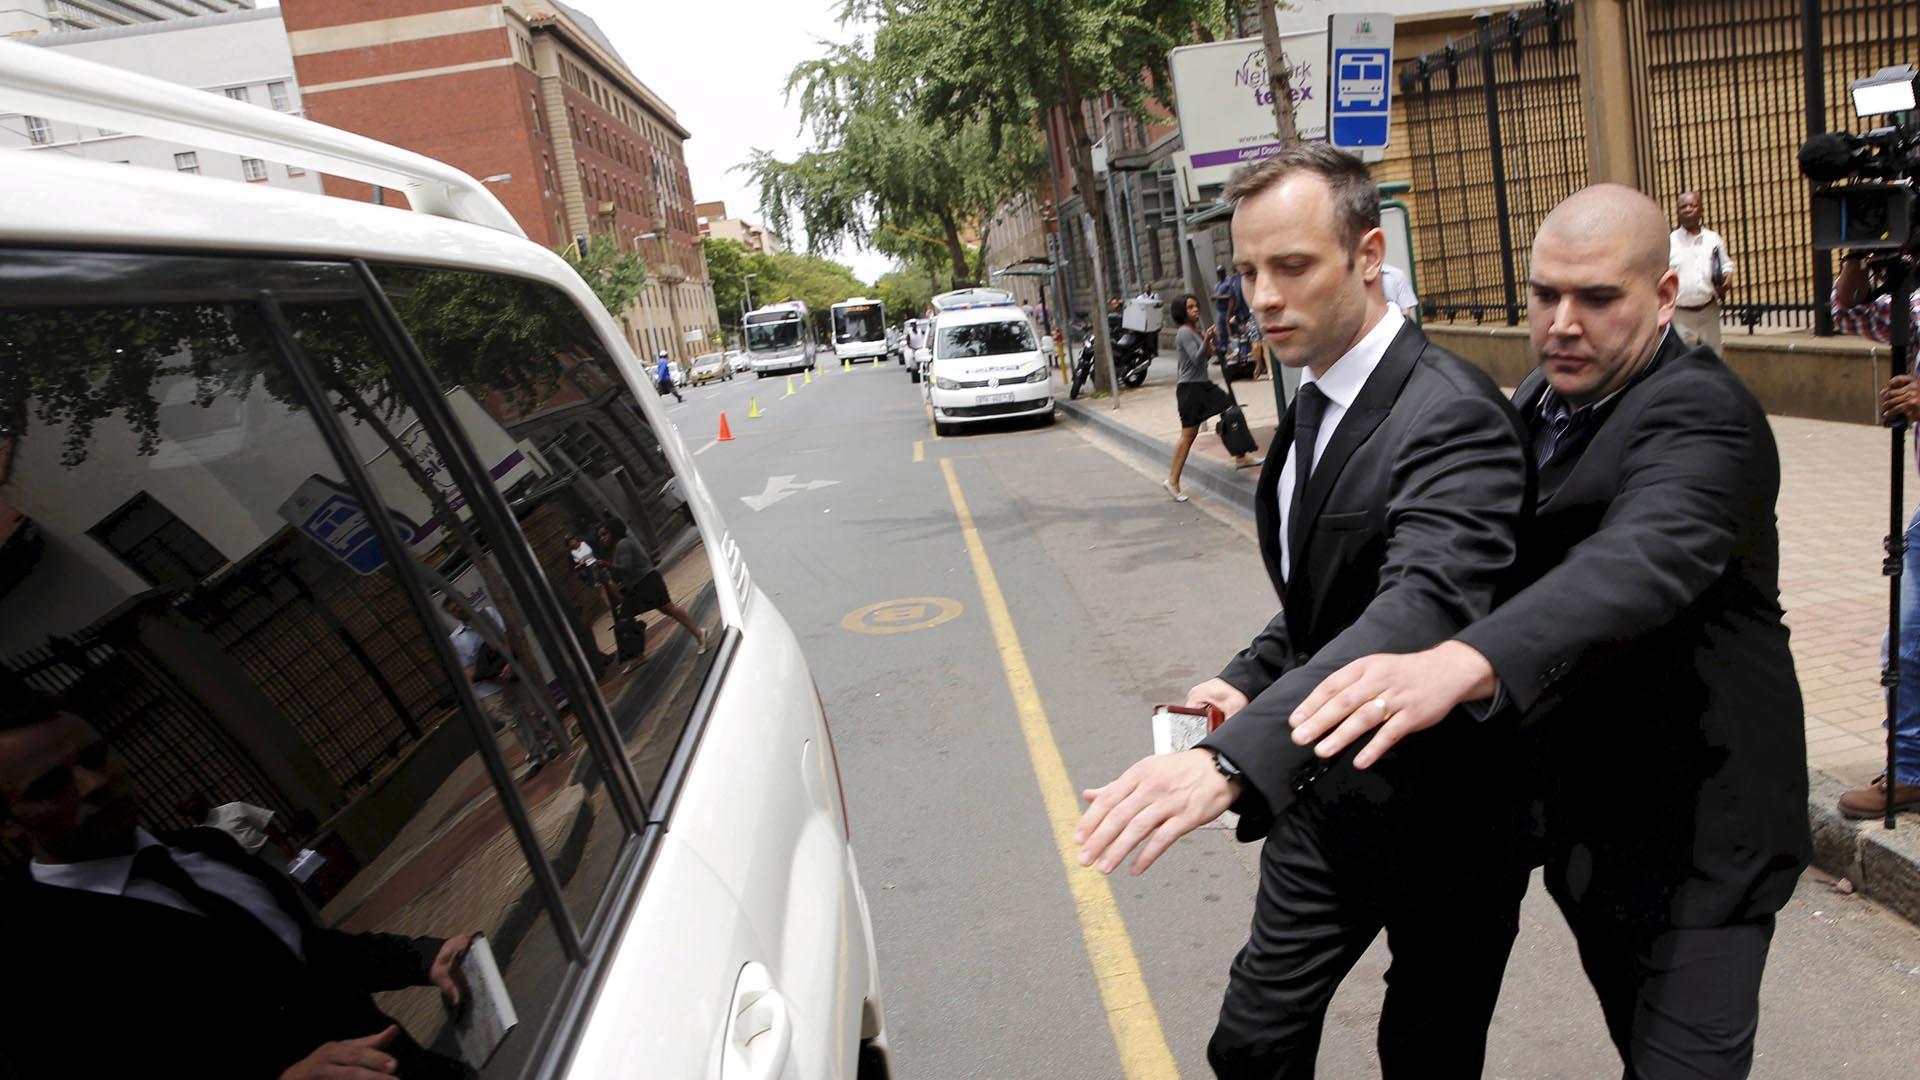 Tribunal Supremo de Apelación sudafricano aceptó un recurso de la fiscalía, quien exige una pena más fuerte y reabrió el caso